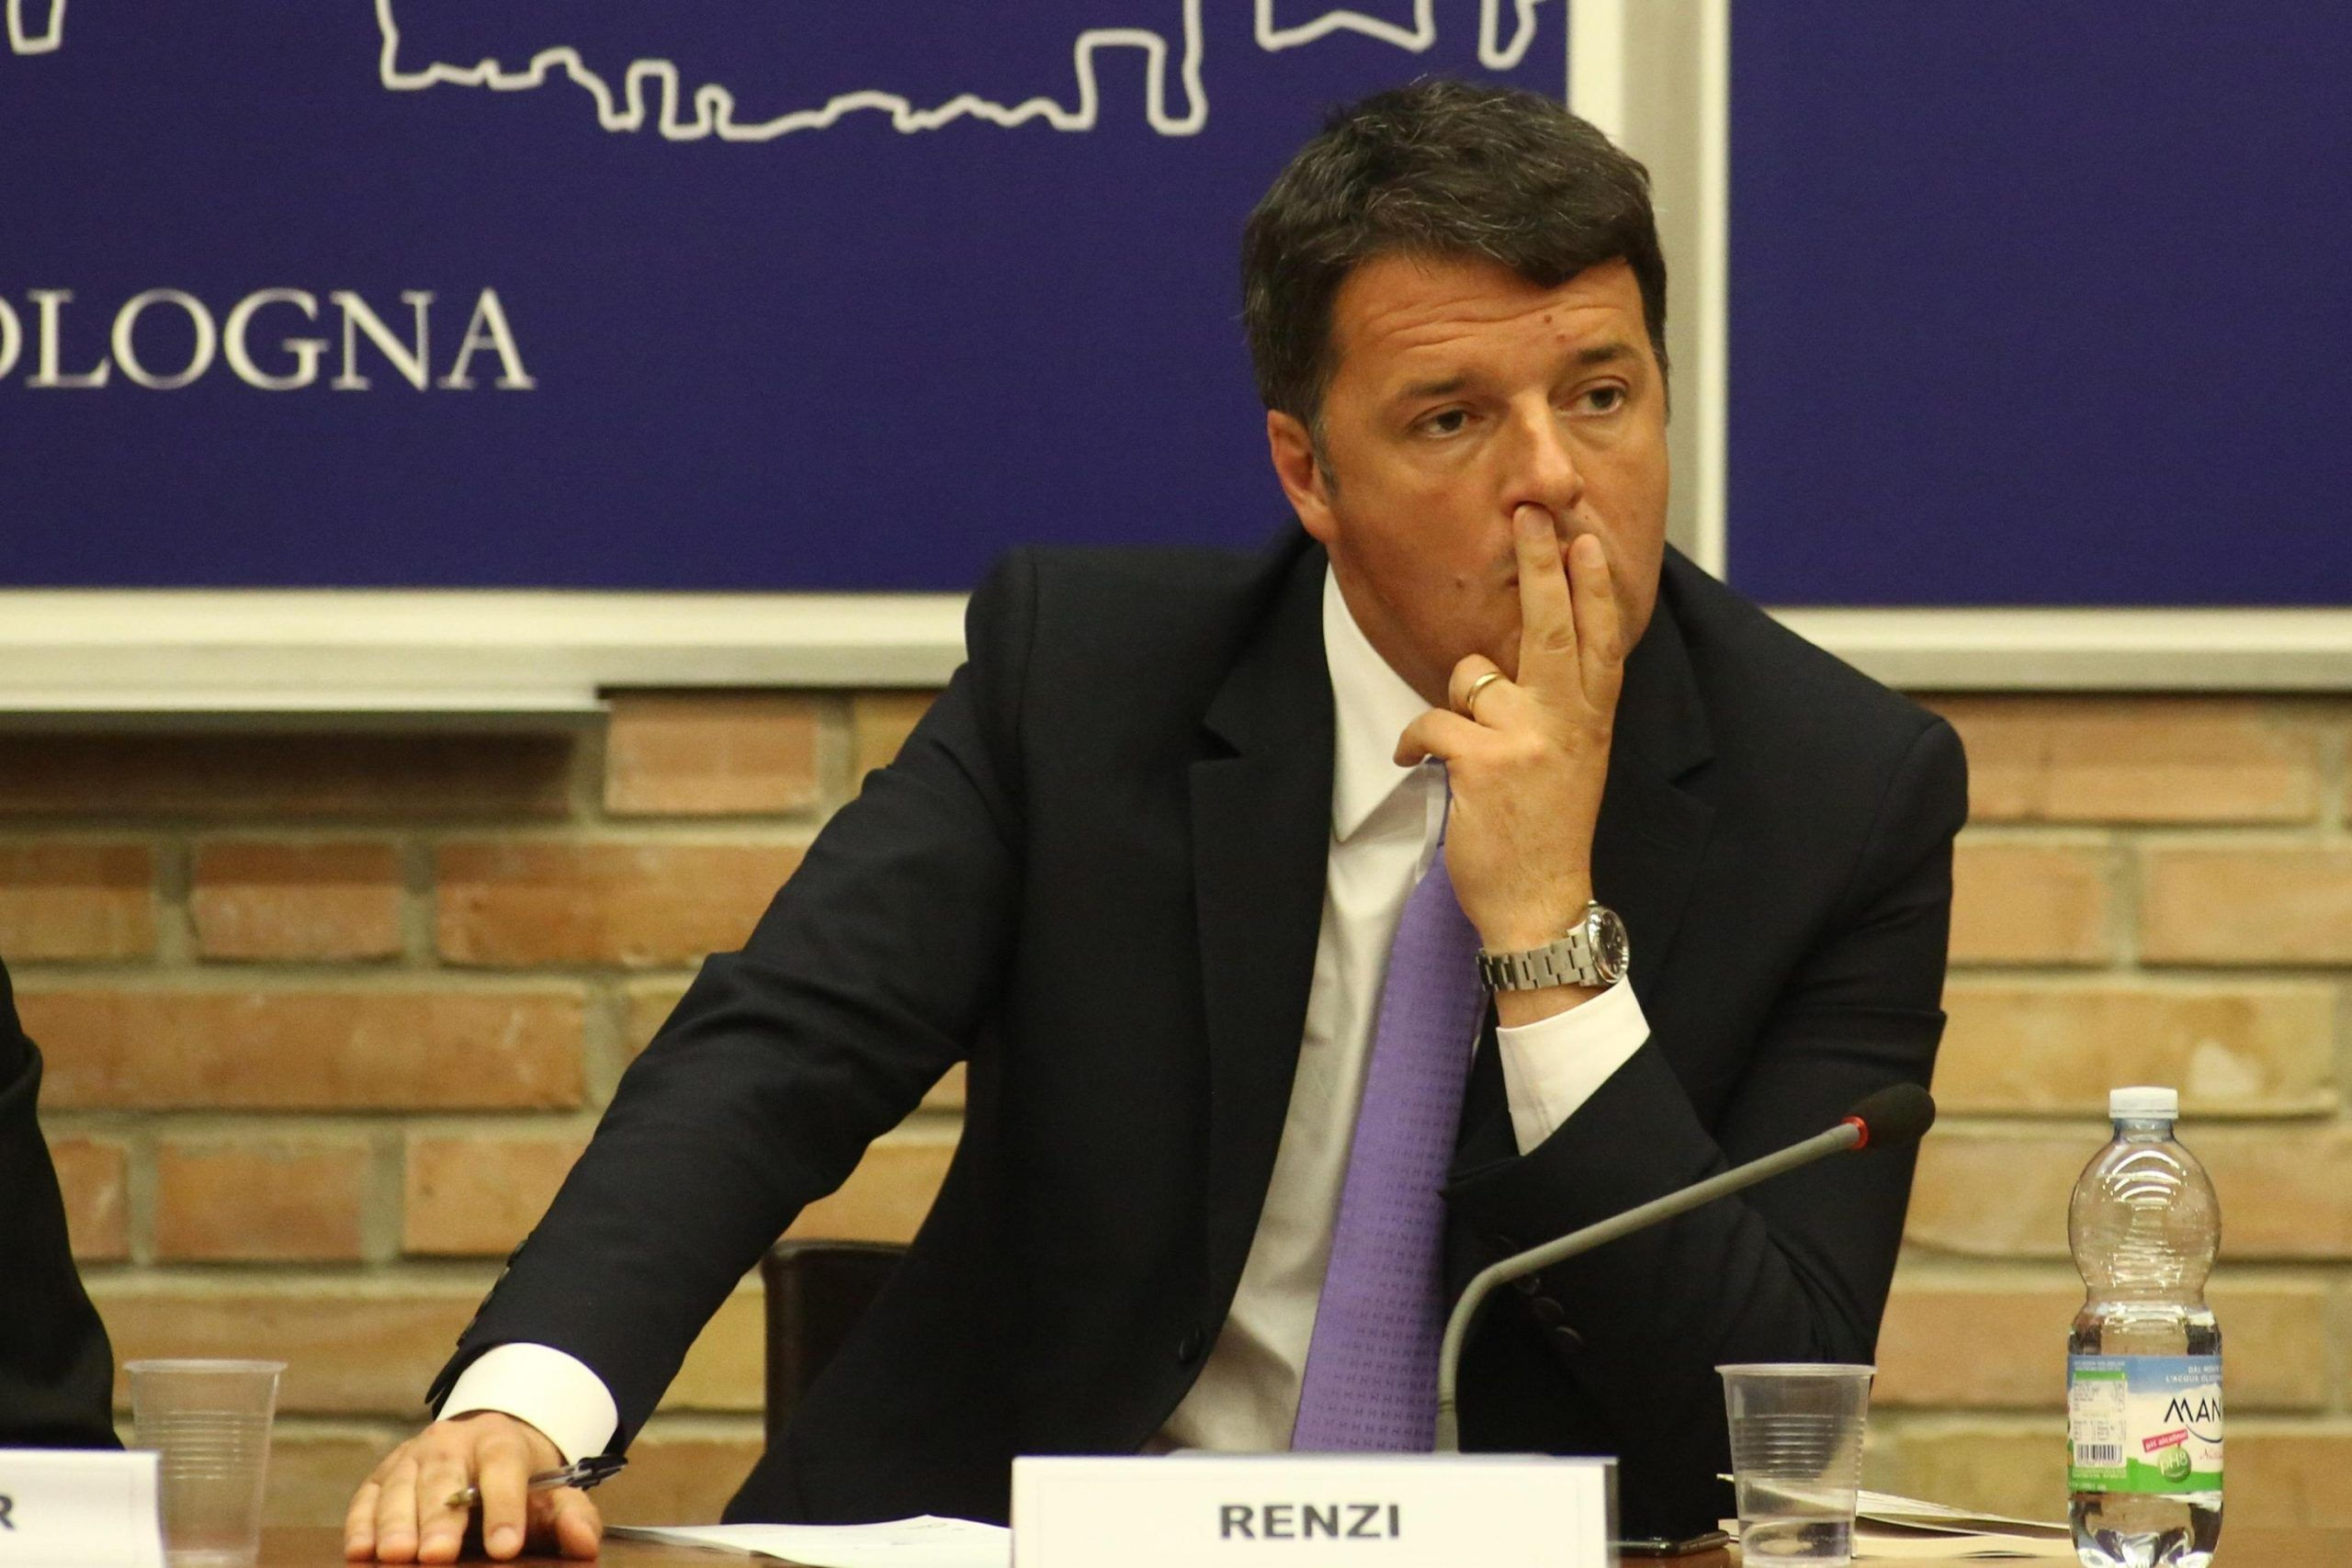 ++ L.elettorale: Renzi, Pd unito per governabilità ++